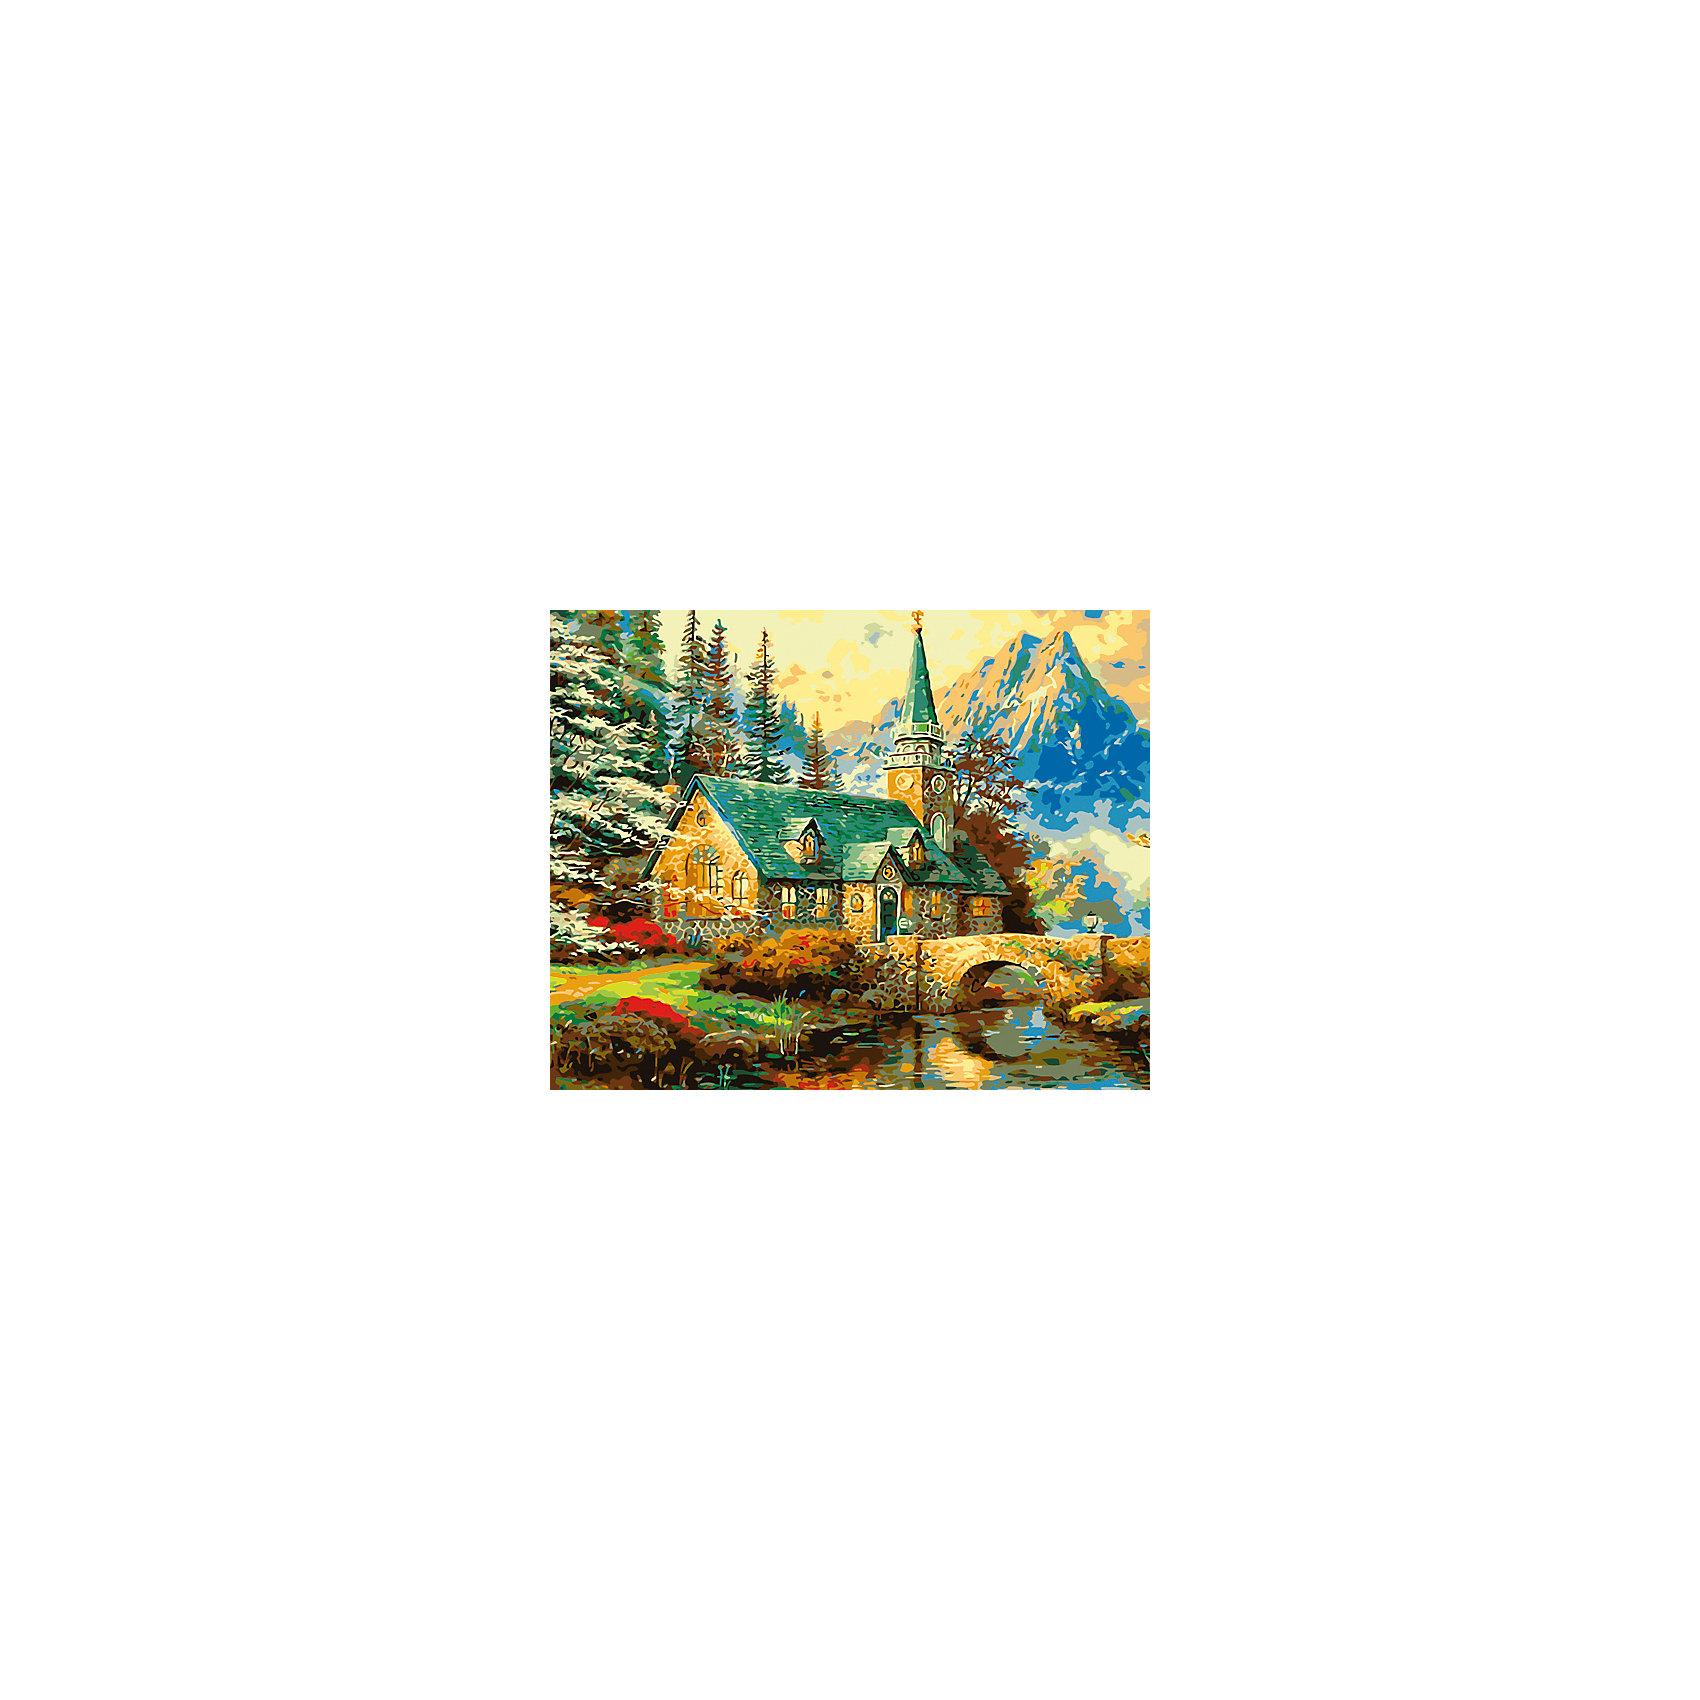 Холст с красками по номерам Усадьба в горах 40х50 смРаскраски по номерам<br>замечательные наборы для создания уникального шедевра изобразительного искусства. Создание картин на специально подготовленной рабочей поверхности – это уникальная техника, позволяющая делать Ваши шедевры более яркими и реалистичными. Просто нанесите мазки на уже готовый эскиз и оживите картину! Готовые изделия могут стать украшением интерьера или прекрасным подарком близким и друзьям.<br><br>Ширина мм: 510<br>Глубина мм: 410<br>Высота мм: 25<br>Вес г: 900<br>Возраст от месяцев: 36<br>Возраст до месяцев: 108<br>Пол: Унисекс<br>Возраст: Детский<br>SKU: 5096789